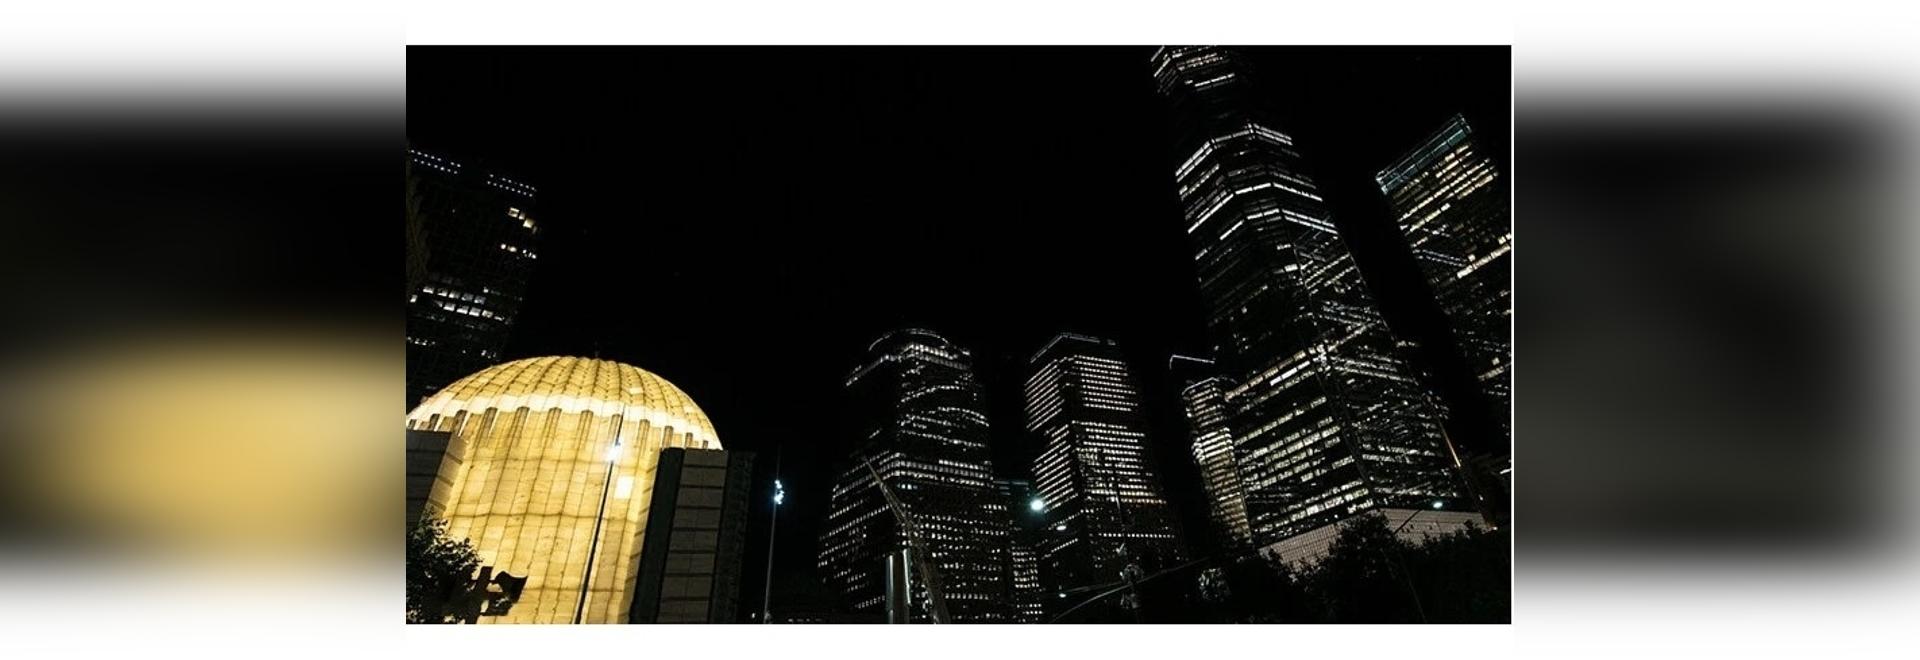 l'église lumineuse du world trade center de calatrava est illuminée pour la première fois